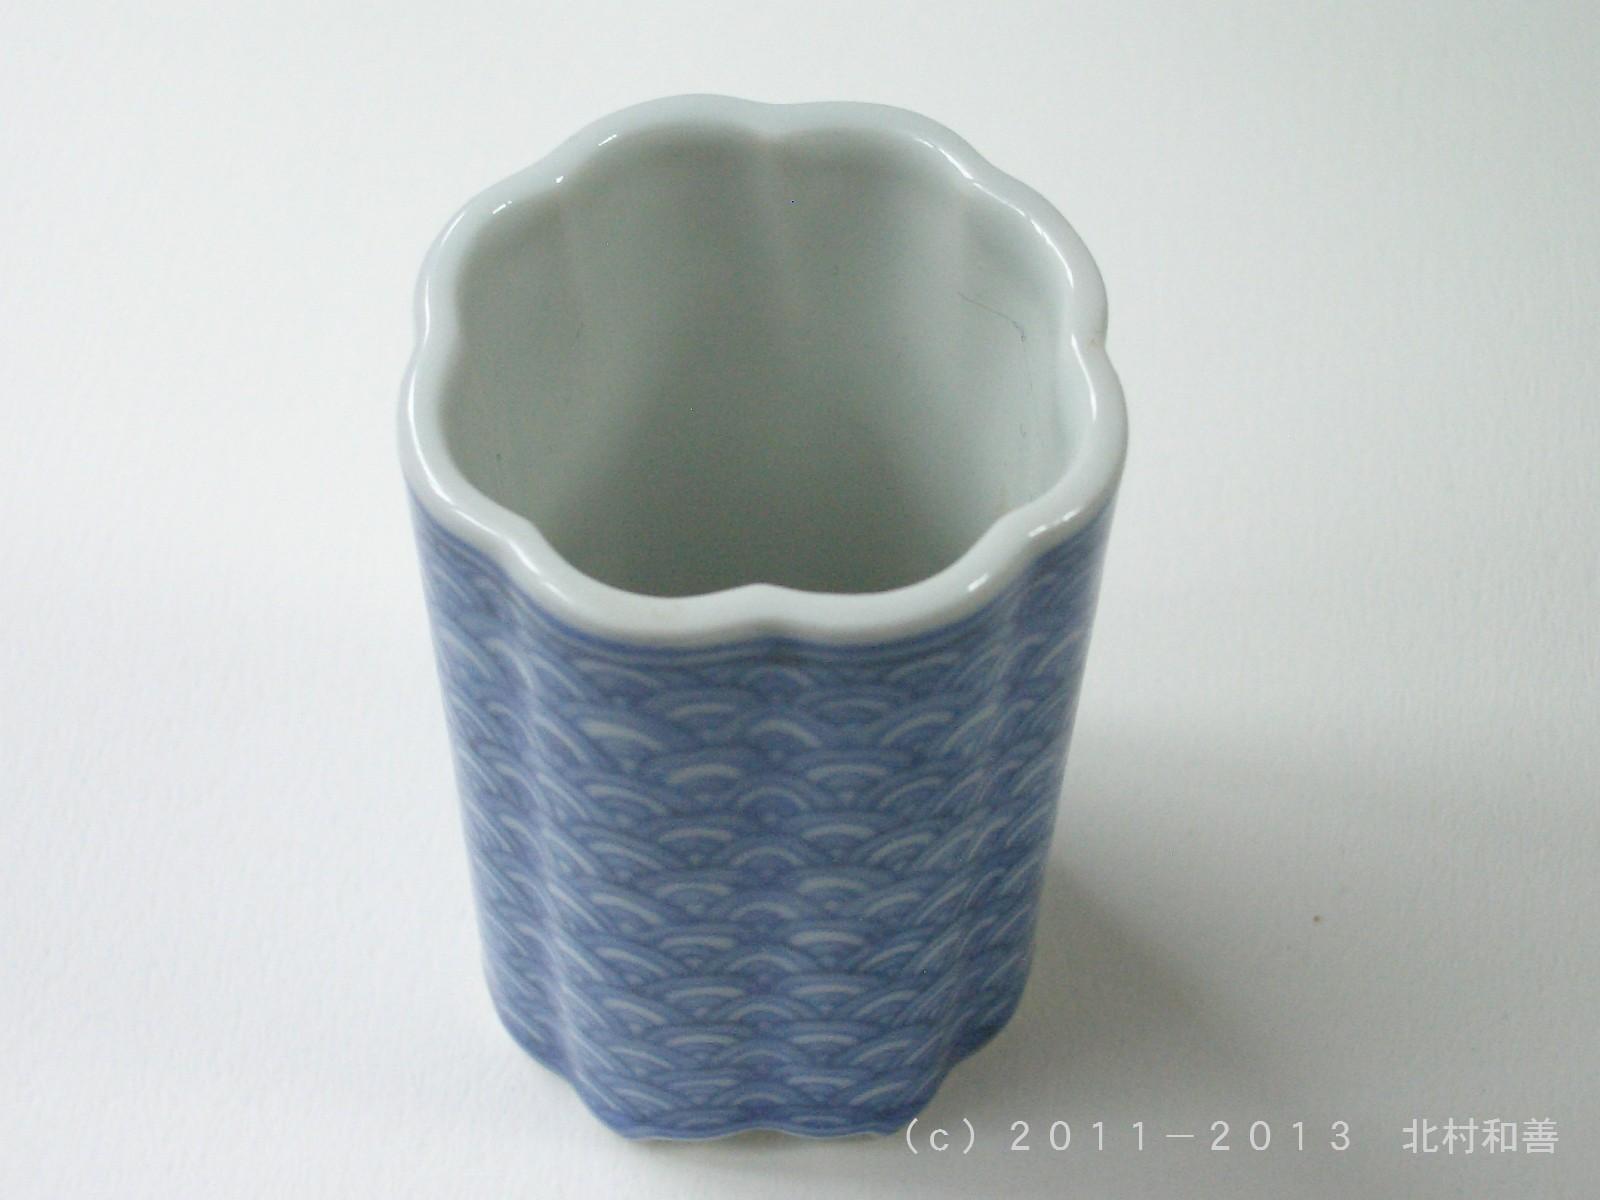 染付青海波巾筒: 北村和善 煎茶道具 オンラインショップ